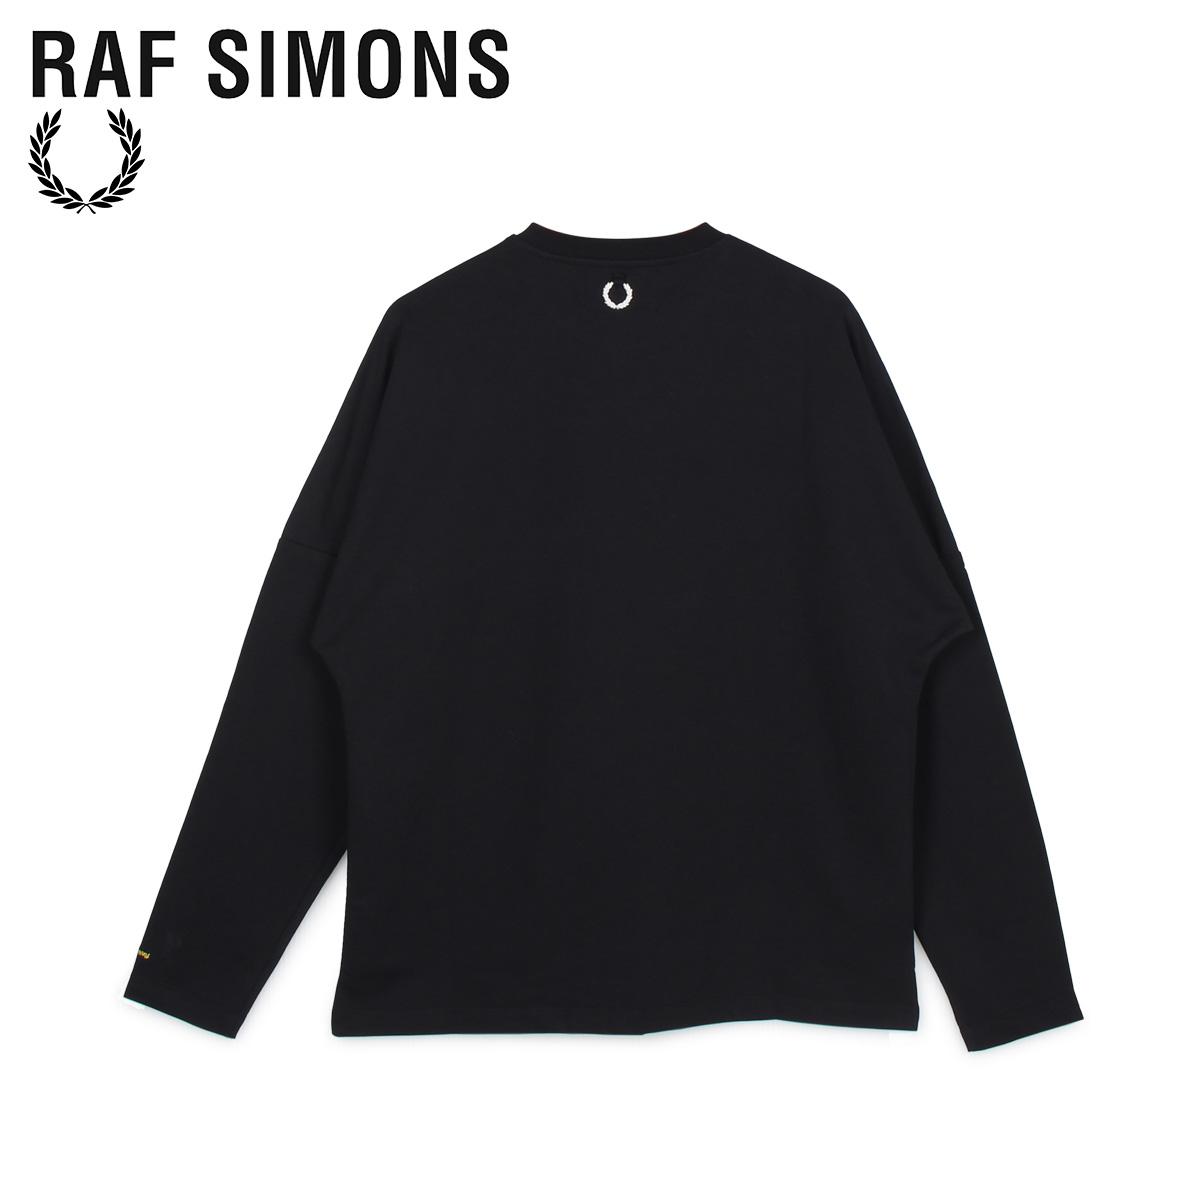 【最大2000円OFFクーポン】 フレッドペリー ラフシモンズ FRED PERRY RAF SIMONS Tシャツ 長袖 ロンT メンズ コラボ LONG SLEEVE T-SHIRT ブラック 黒 SM8136 [6/2 新入荷]